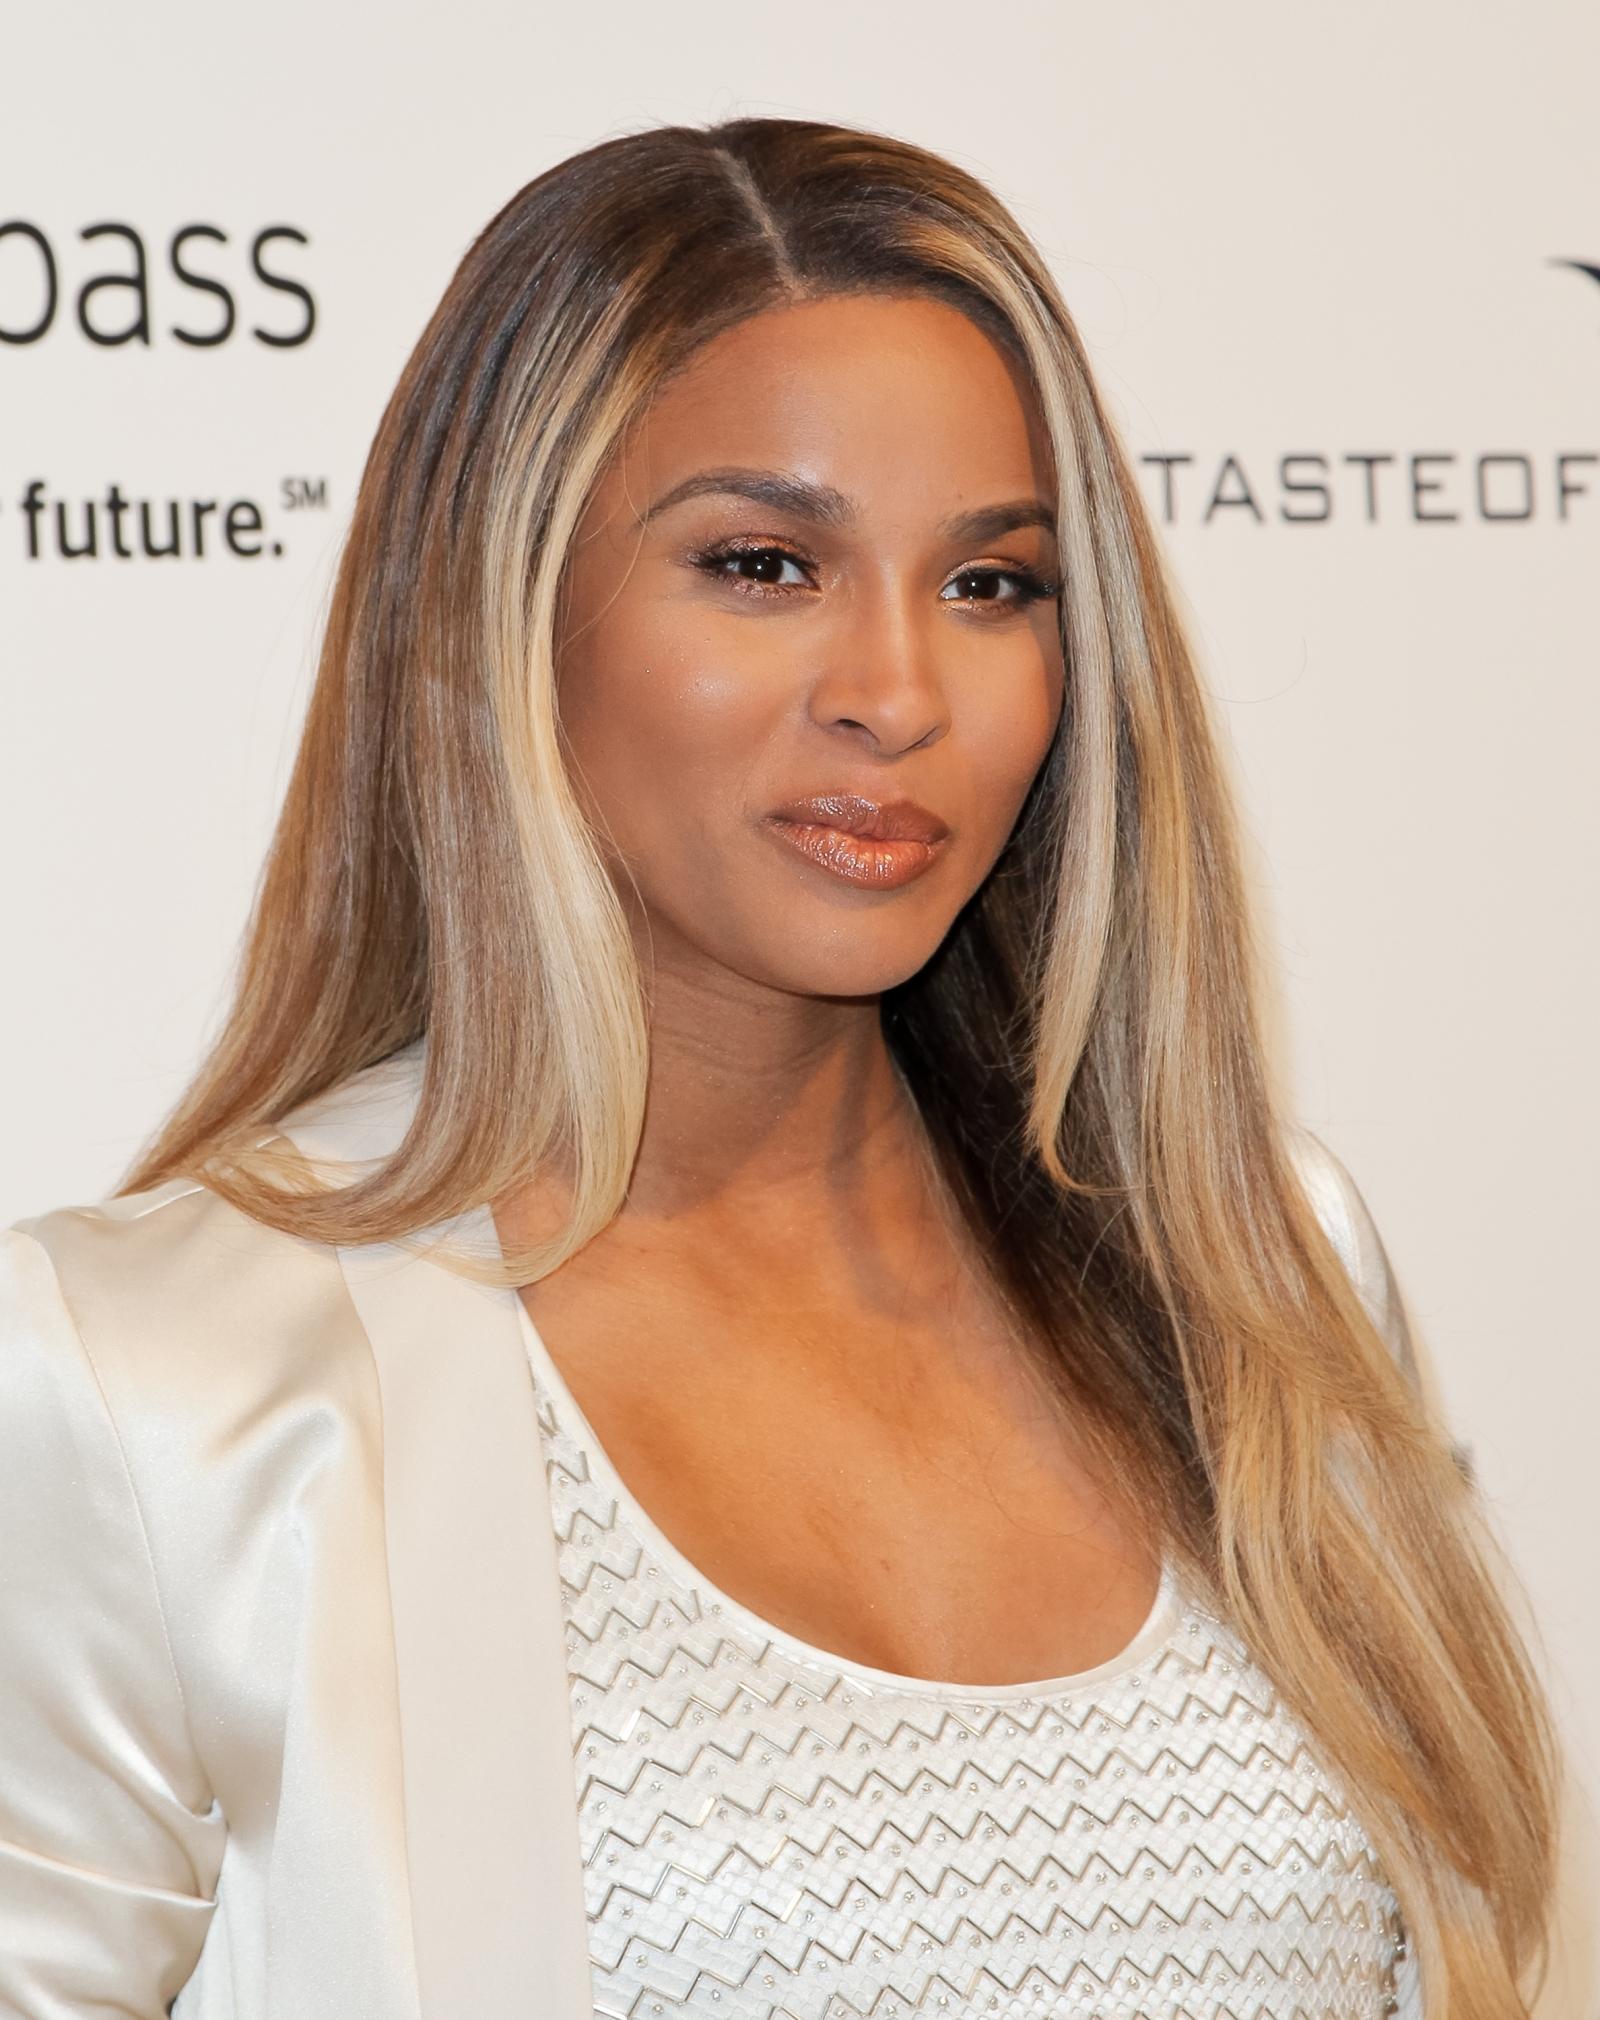 Ciara and Future feud